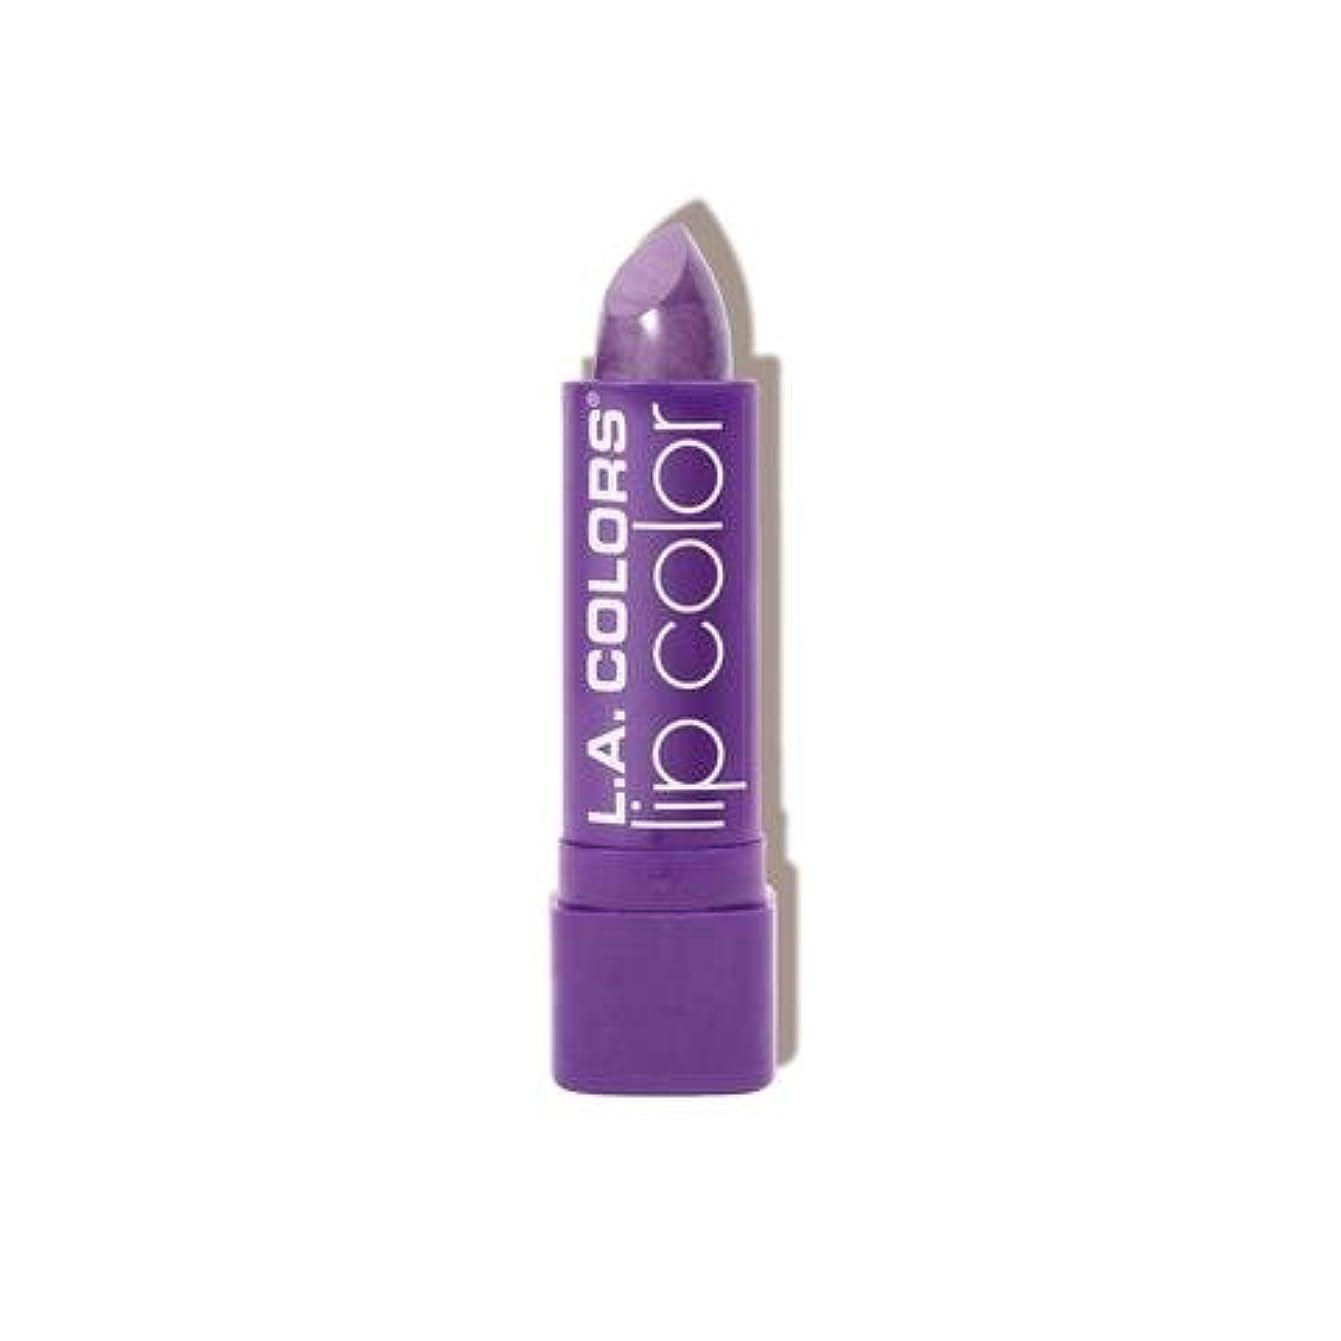 エンドウ悩み困惑する(6 Pack) L.A. COLORS Moisture Rich Lip Color - Grape Crush (並行輸入品)